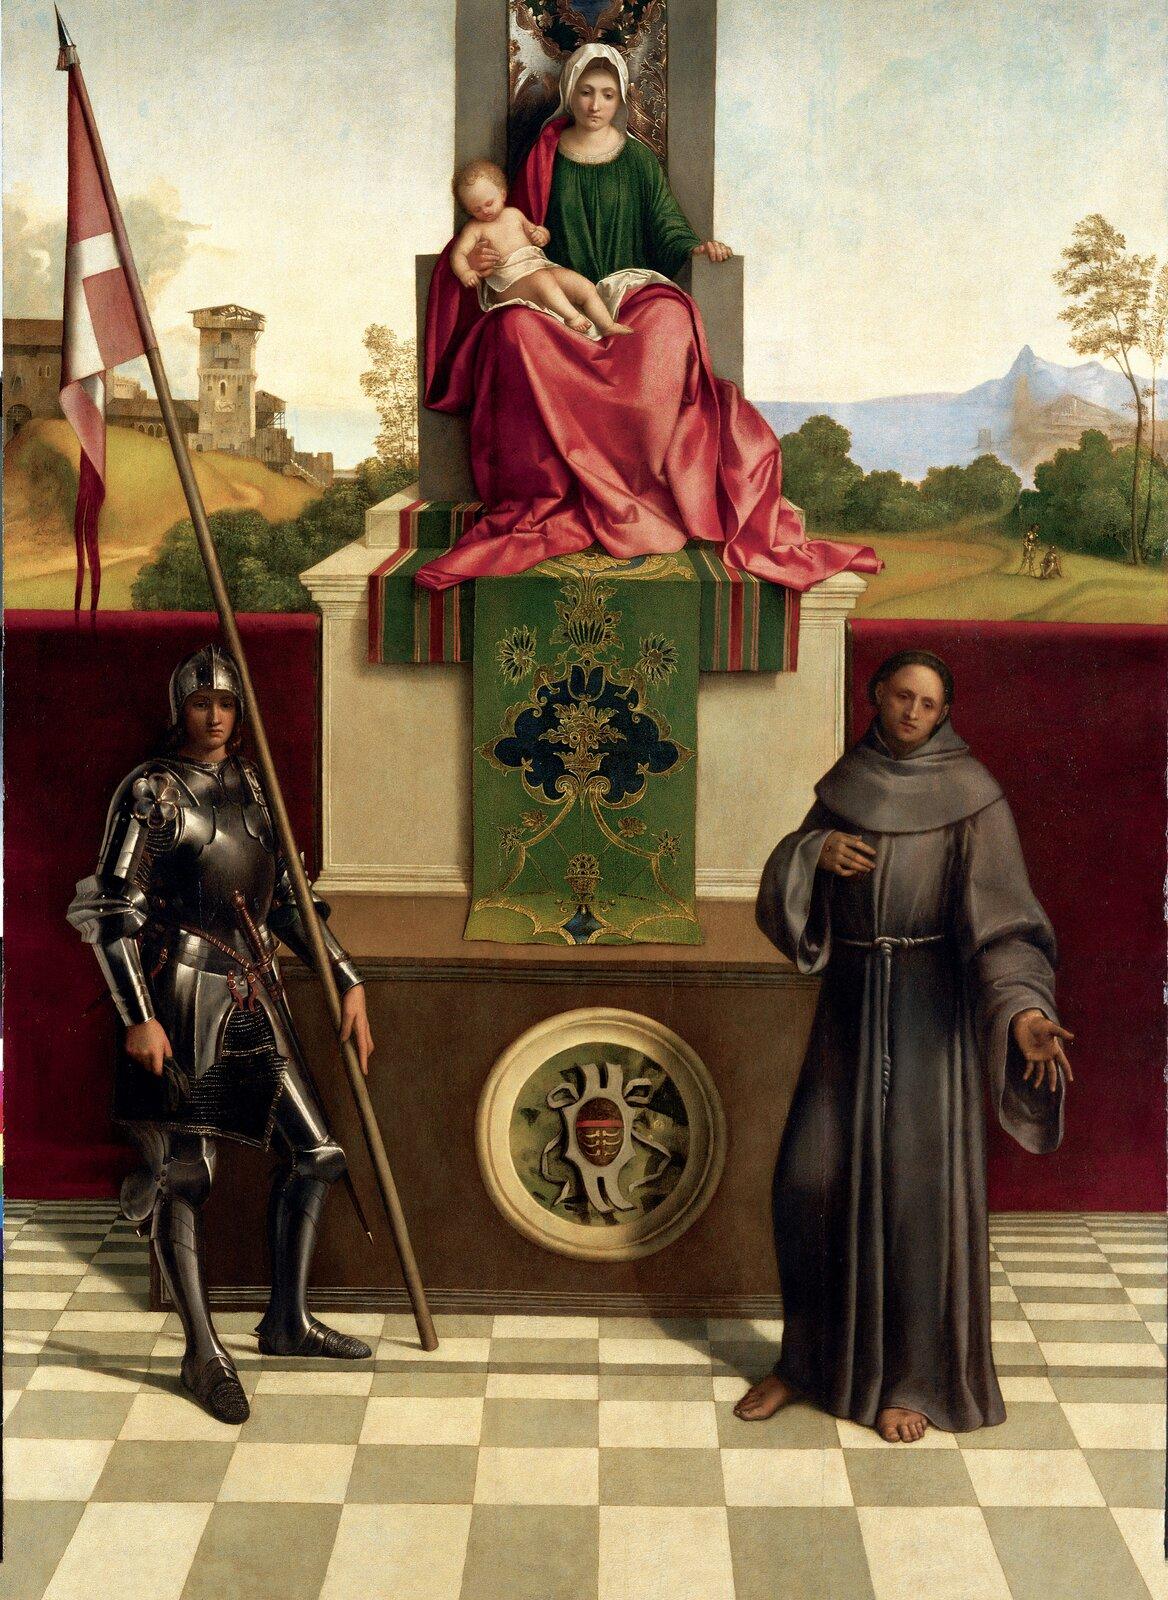 """Ilustracja interaktywna okształcie pionowego prostokąta przedstawia obraz Giorgione'a """"Madonna zCastelfranco"""". Wcentrum obrazu znajduje się wysoki tron, na którym siedzi Madonna zmałym Jezusem na kolanach. Ma na sobie zieloną suknię iczerwony, długi płaszcz. Pod tronem znajduje się zielony dywan zwzorami, opuszczony wdół na wysoki postument, dekorowany okrągłym herbem. Maria lewą rękę opiera na poręczy tronu, prawą podtrzymuje dziecko przepasane białą szatą. Po lewej stronie stoi rycerz wzbroi trzymając wlewym ręku chorągiew na długim drzewcu. Po prawej stoi bosy zakonnik wbrązowej szacie. Lewą rękę ma skierowaną wstronę widza, prawą wskazuje na pierś. Wtle obrazu widoczny jest pejzaż zfragmentem miasta. Tło stanowi jasne niebo zwidocznym woddali pasmem gór."""